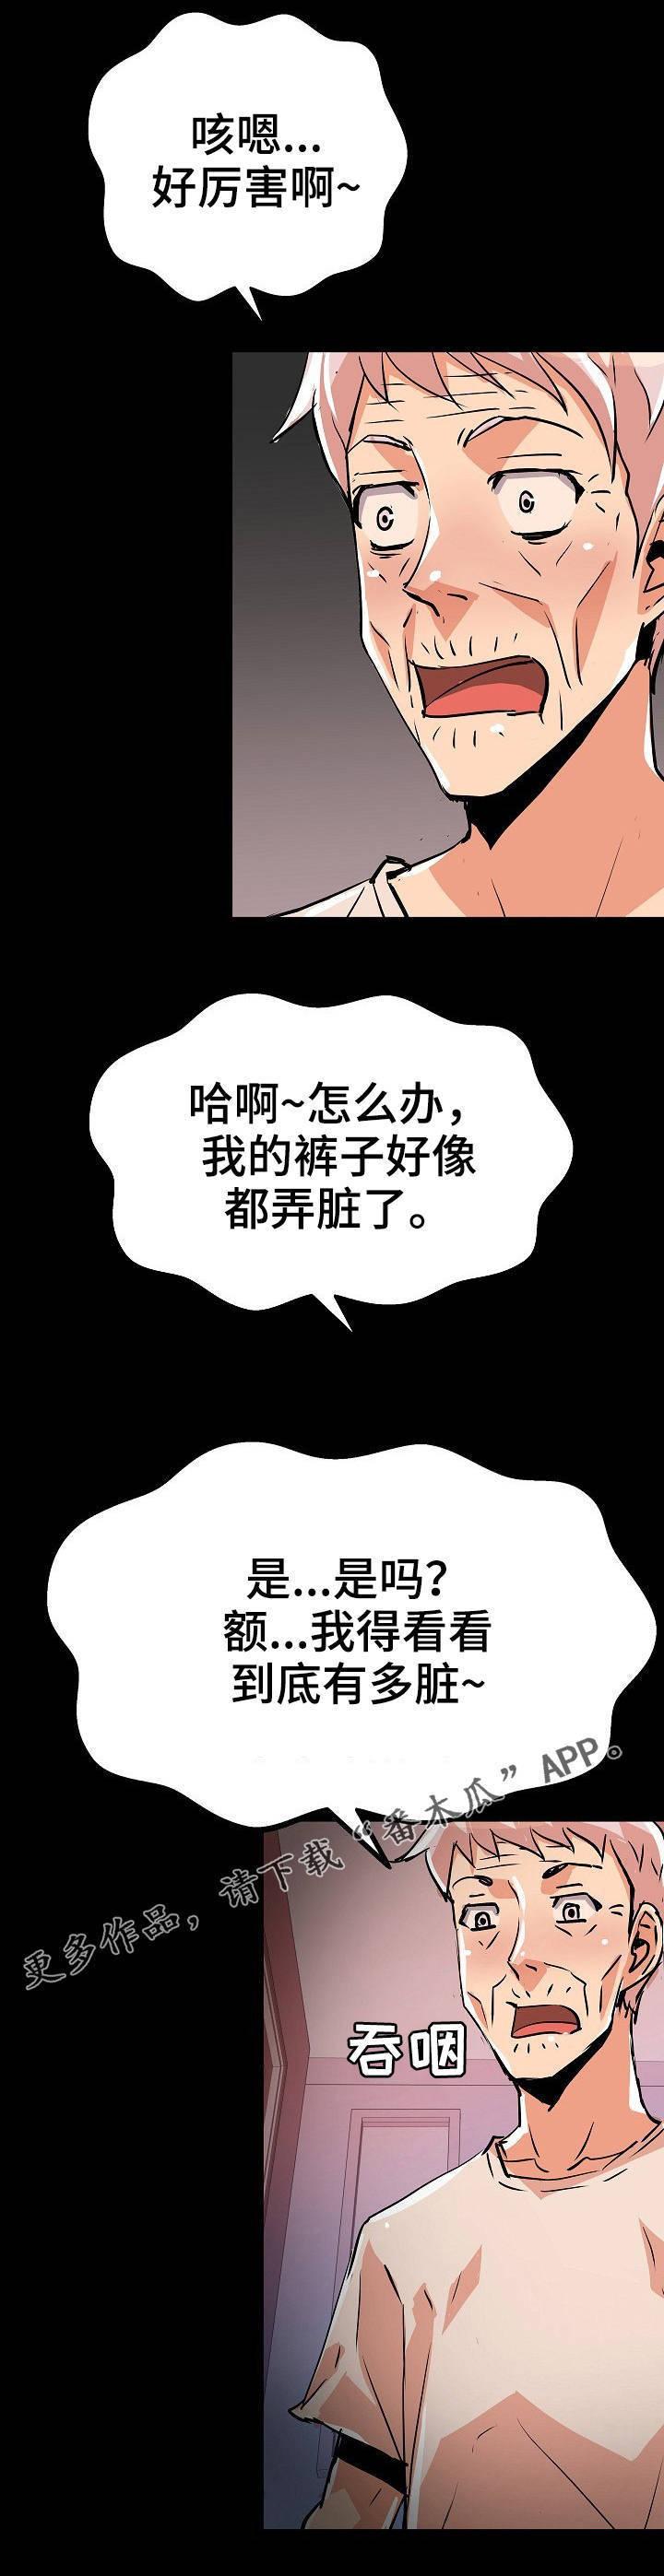 恋爱韩漫:《新家庭》 第37-39话-天狐阅读